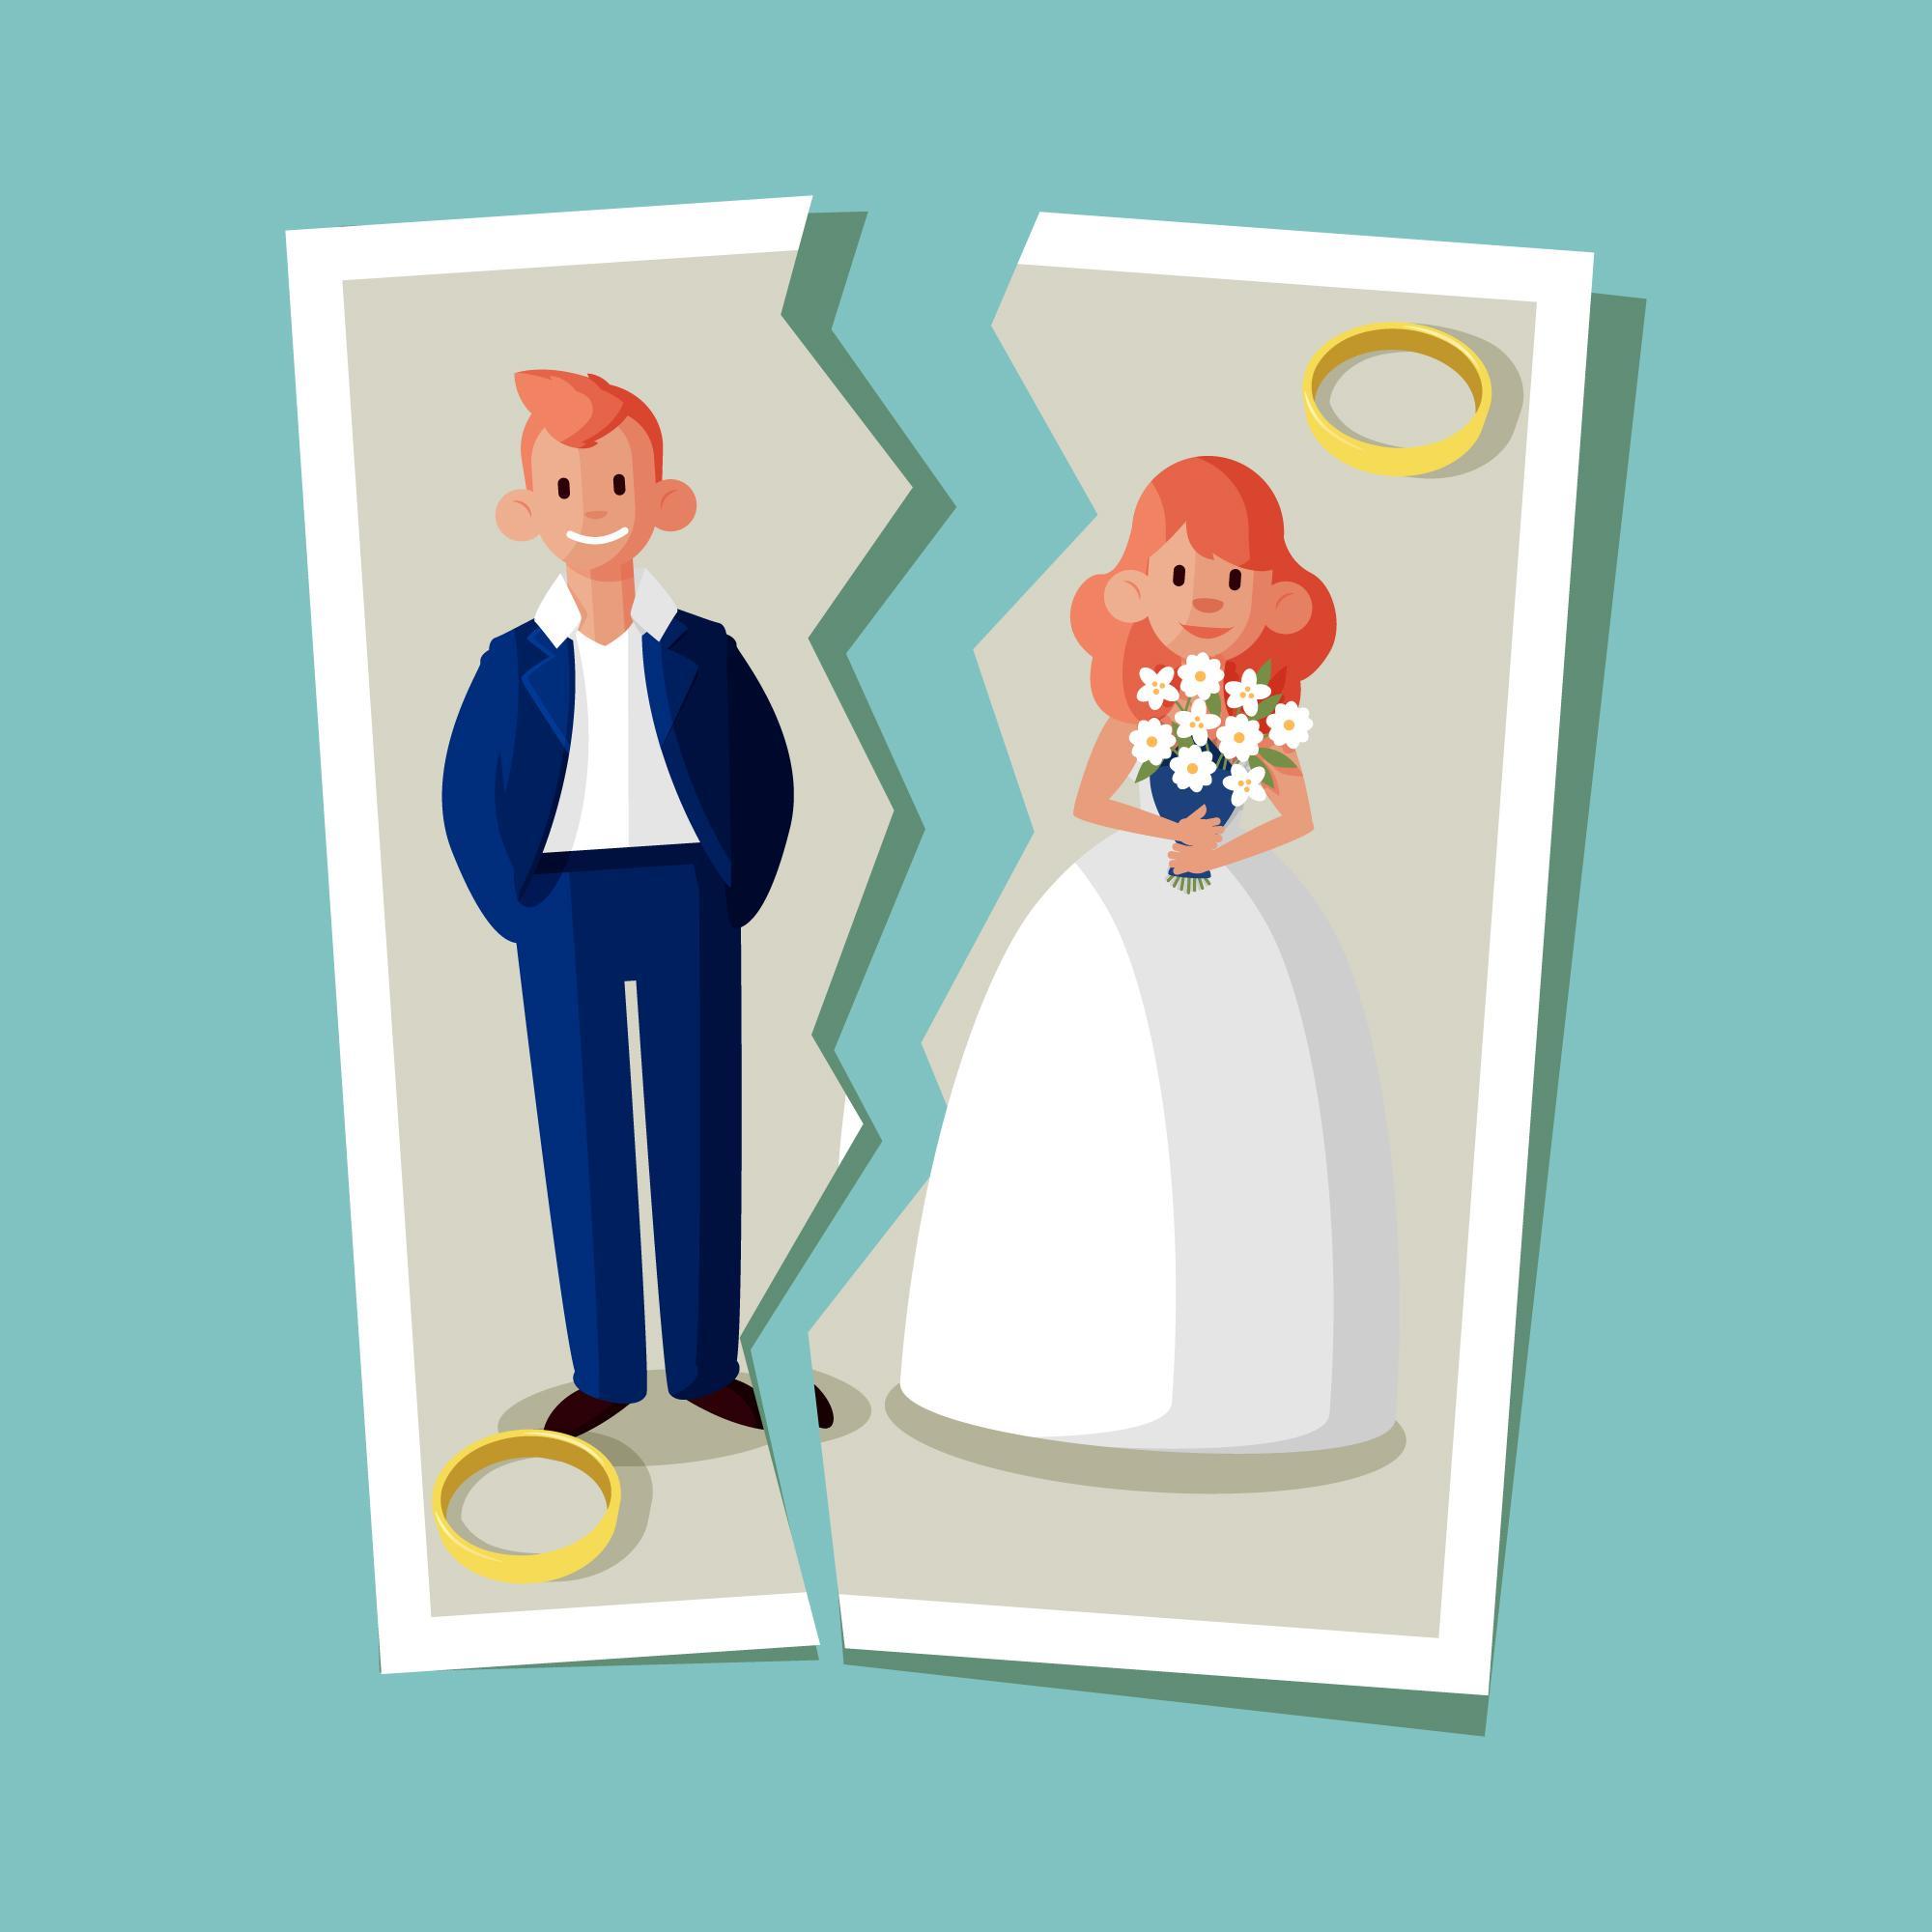 Best Divorce Financial Planner in USA